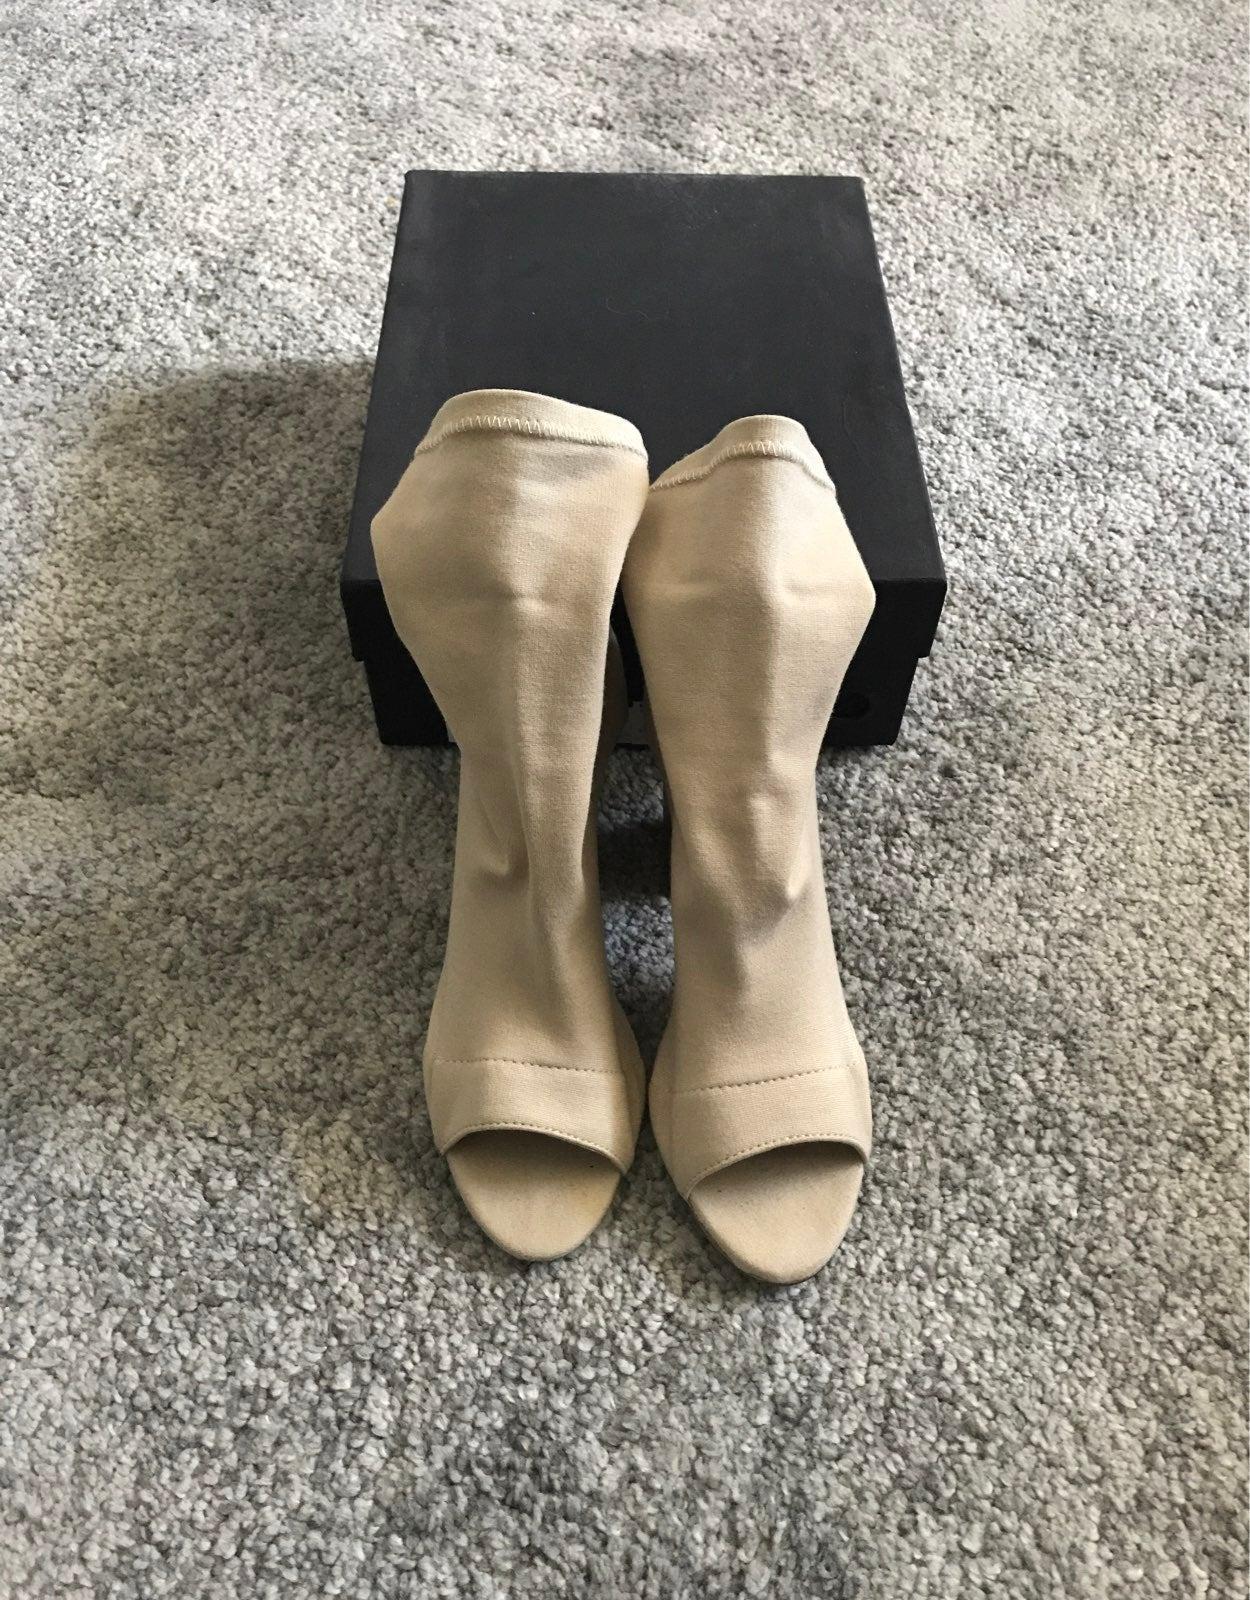 Tony Bianco Heels Malo Size 6.5 Beige Co